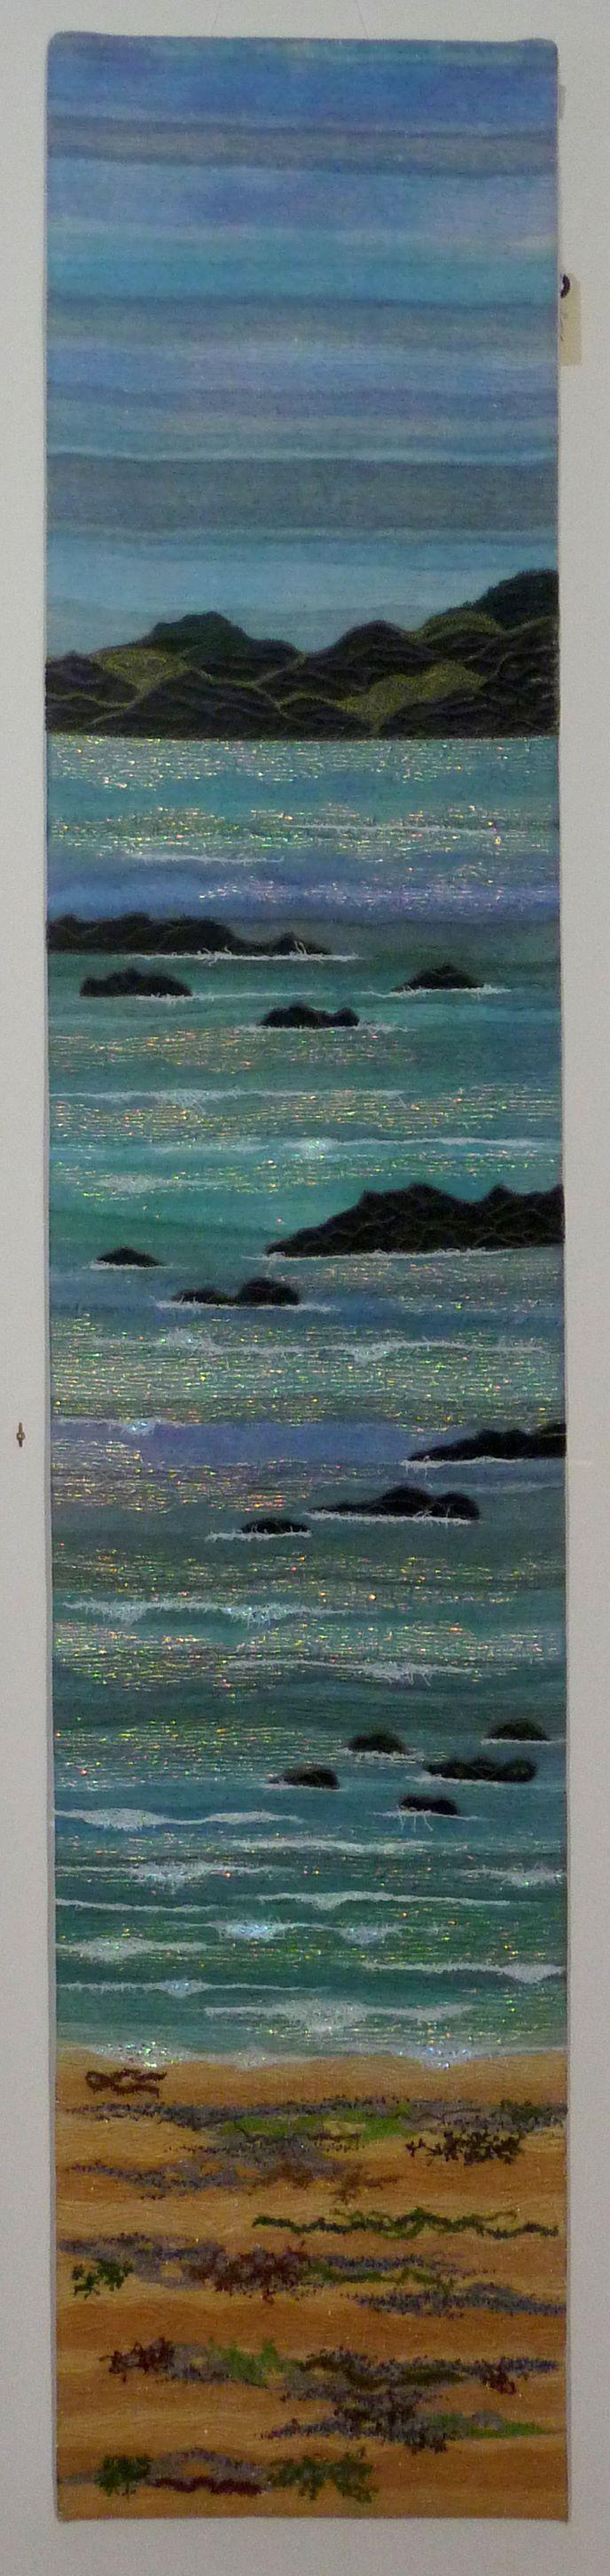 Seascape by Alison Clarke